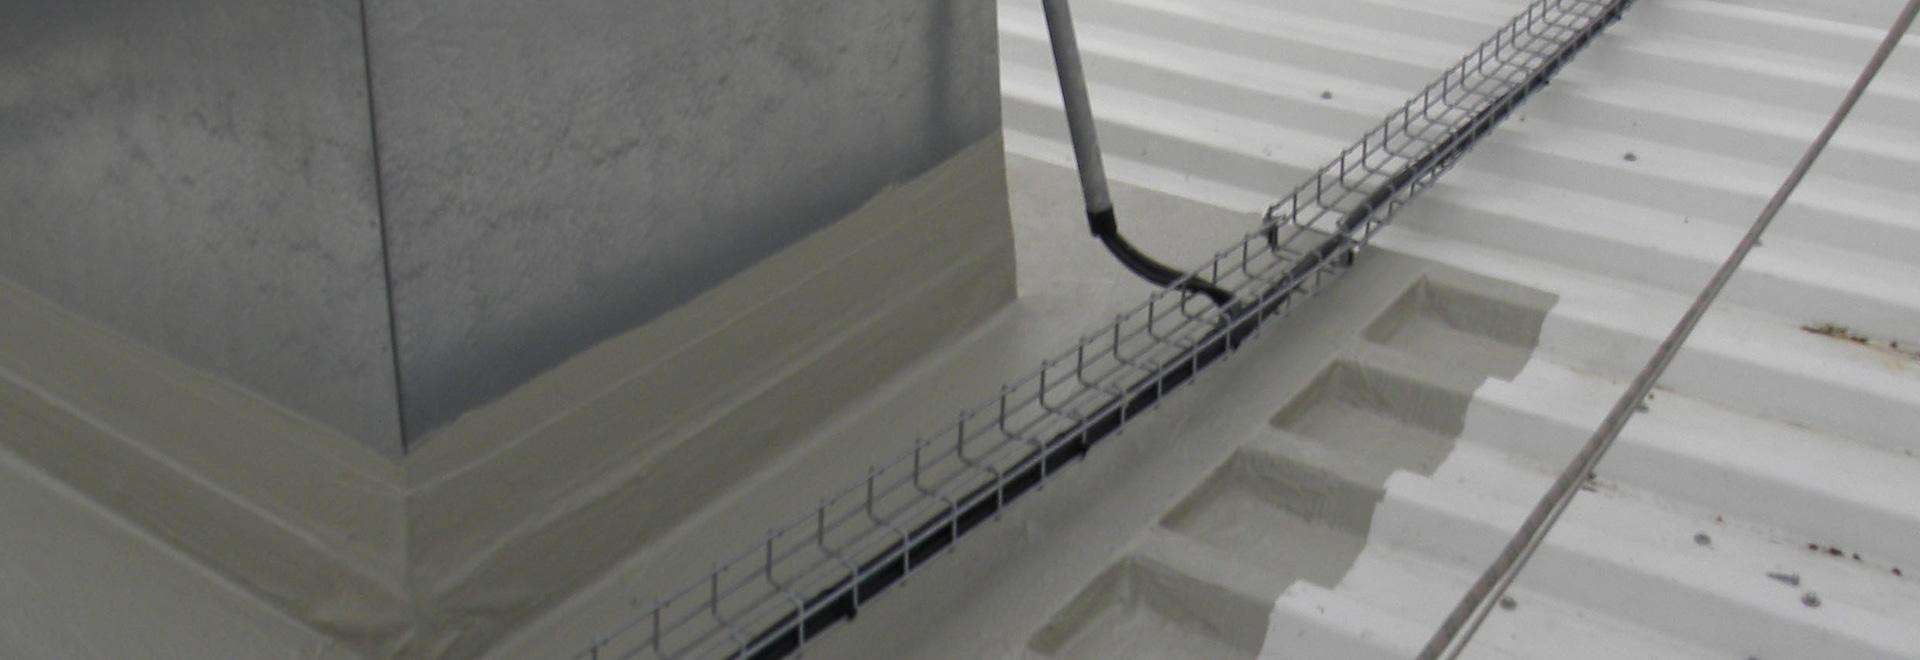 Flüssigkunststoff im Zusammenspiel mit Stahl und Zink